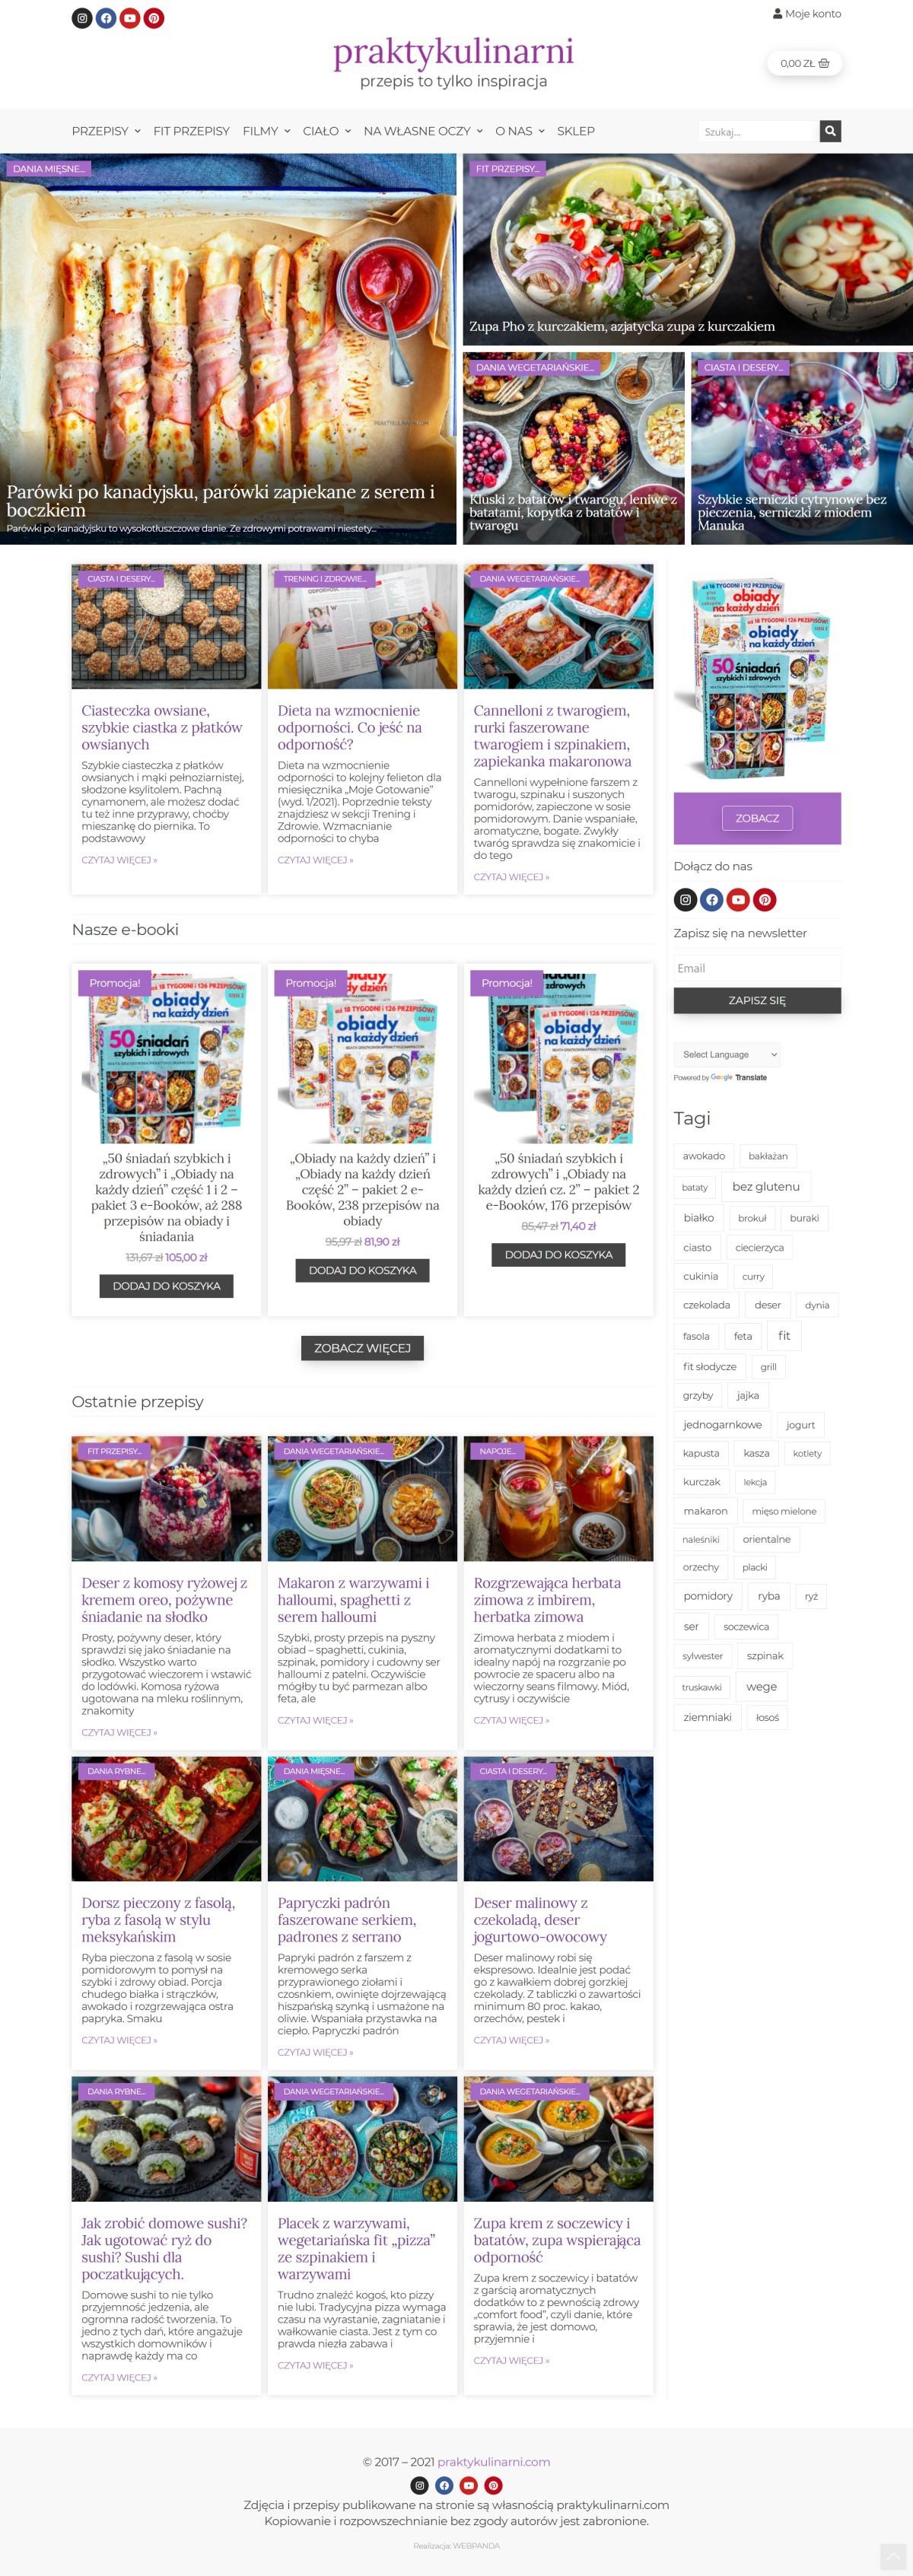 Tworzenie Blogu Ze Sklepem Internetowym. Sprzedaż E-booków